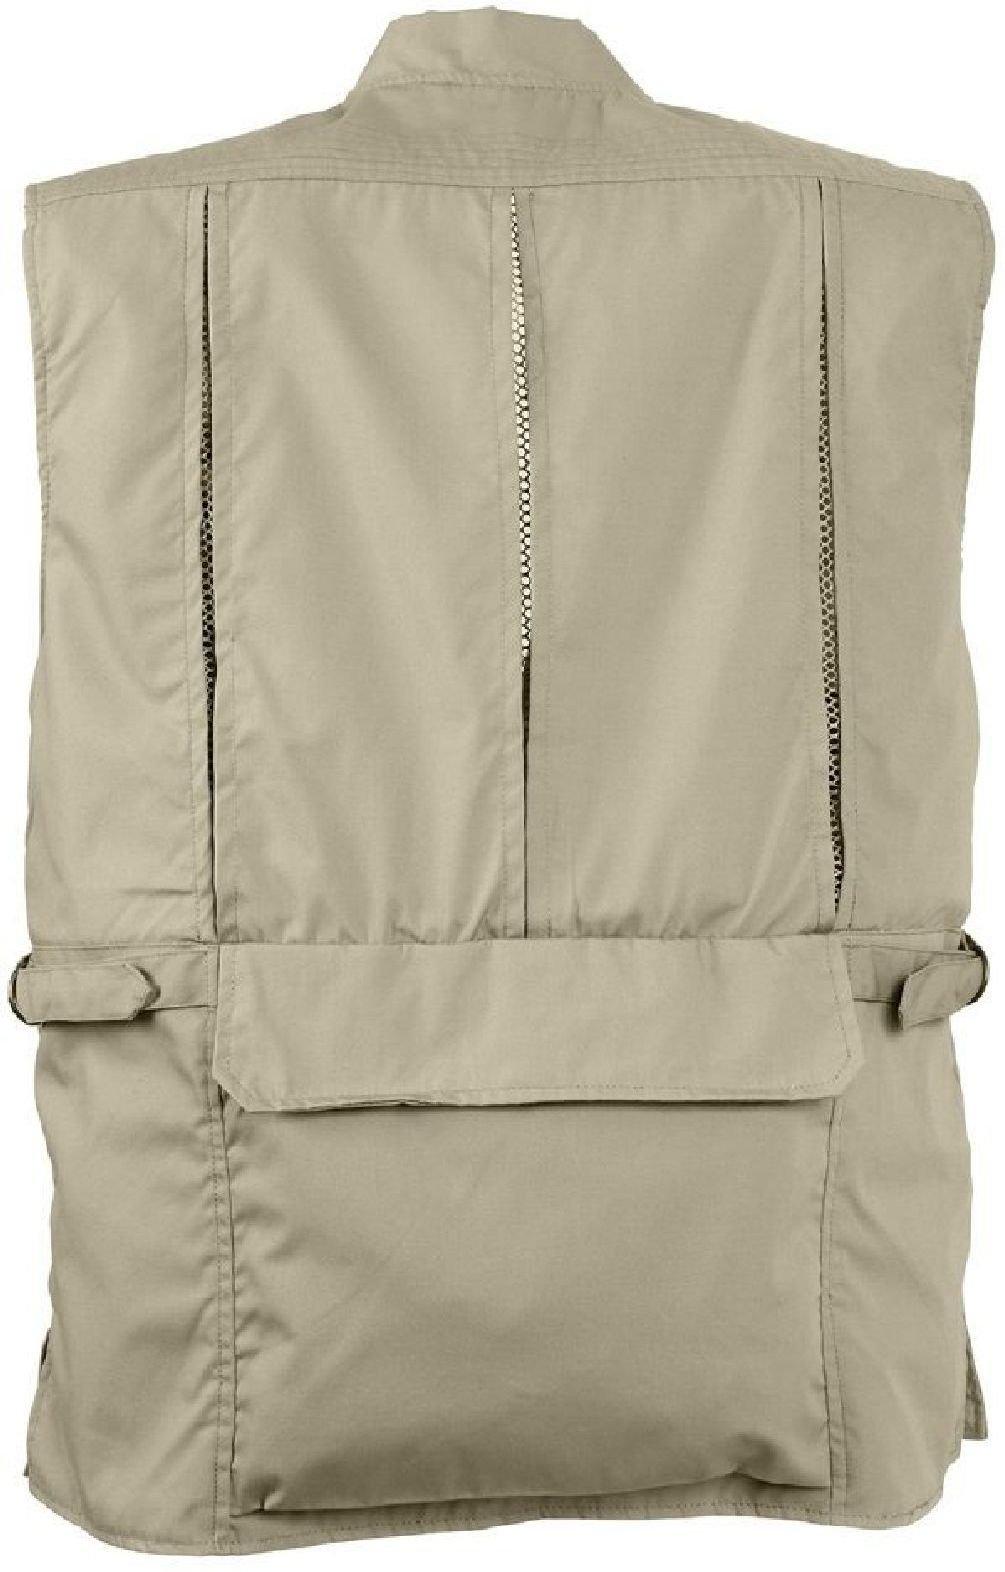 Khaki Undercover Tactical Plainclothes Concealed Carry Travel Vest